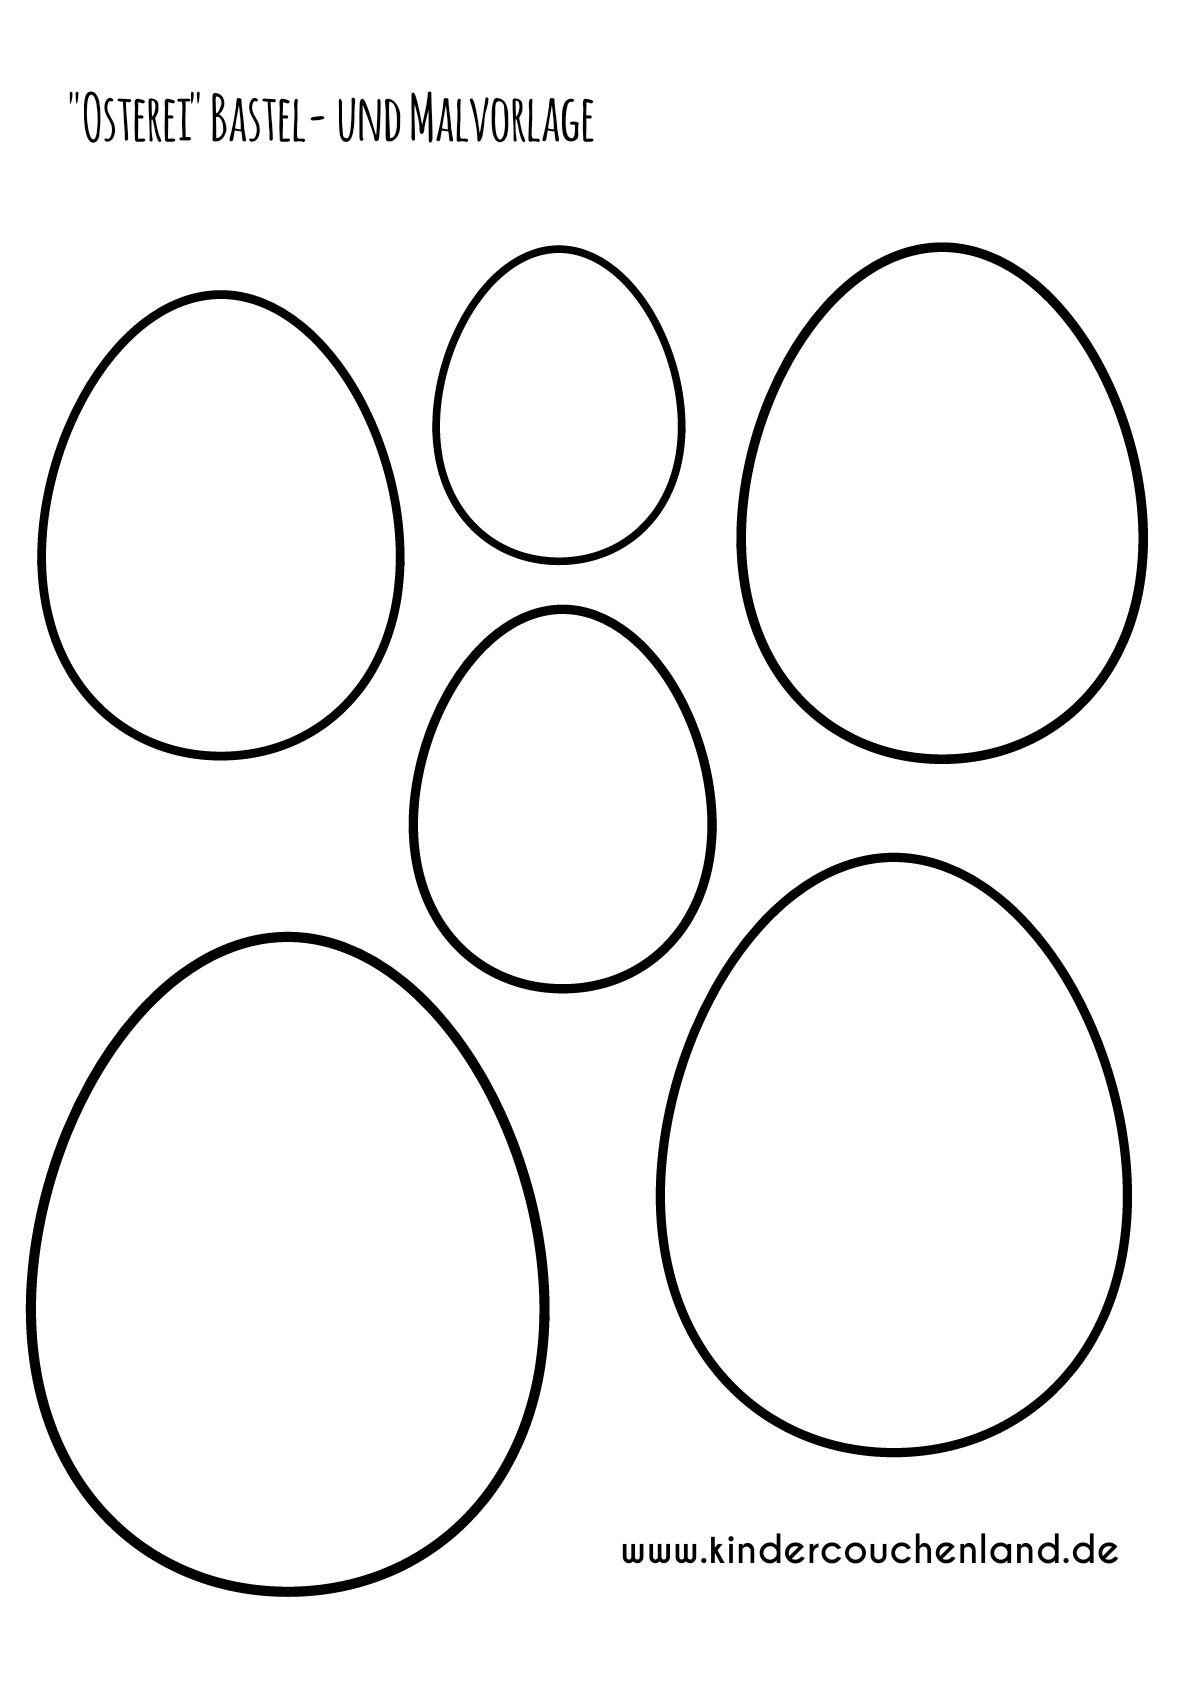 Osterei Bastel Und Malvorlage Ostereier Basteln Basteln Ideen Ostern Ostern Geschenke Basteln